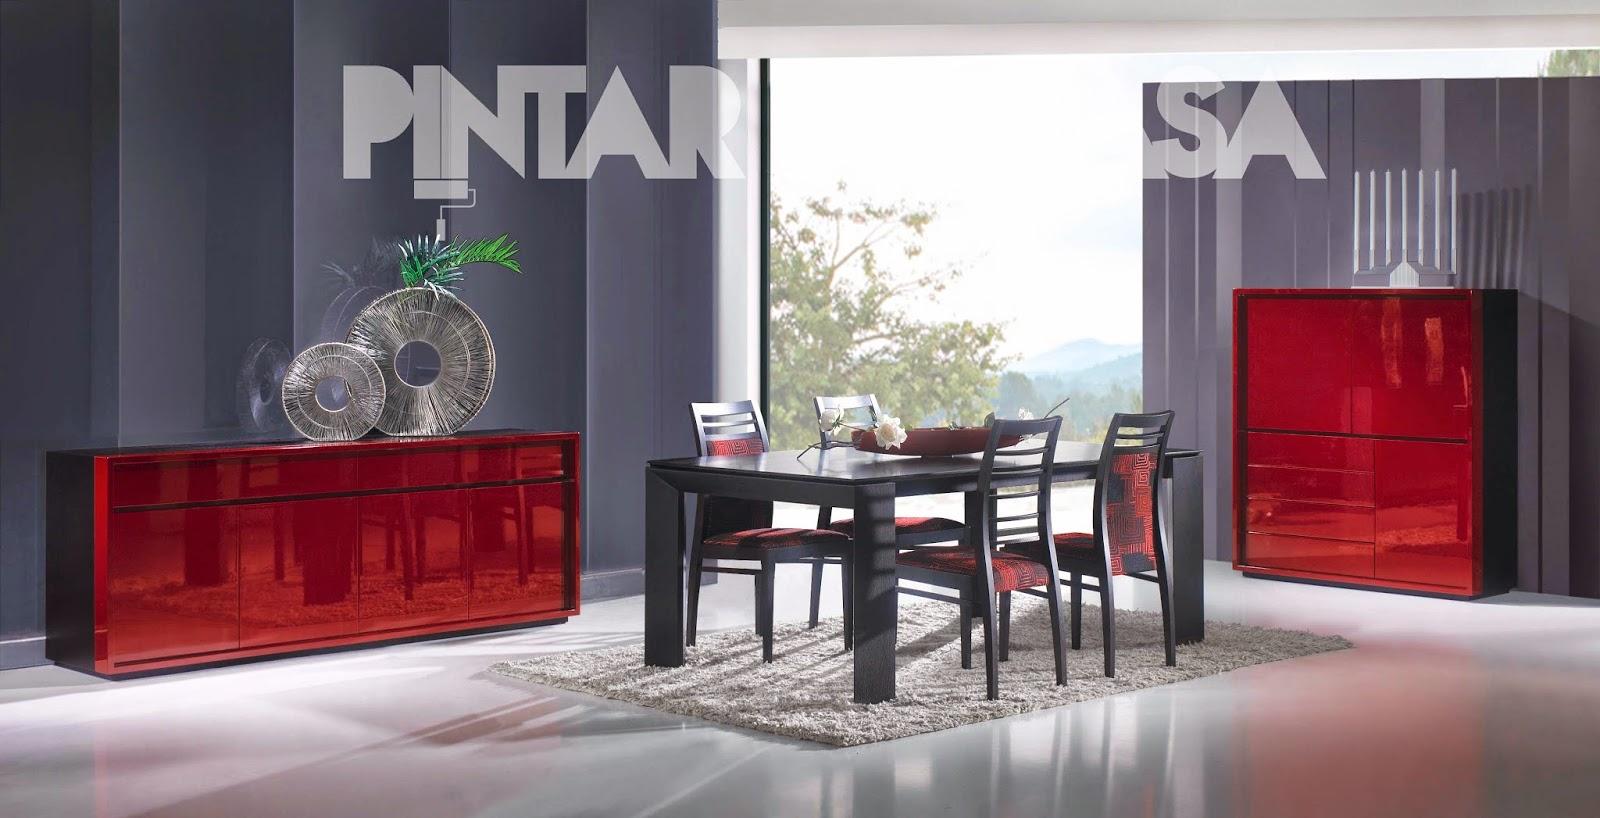 decoração-sala-pintar-a-casa-cadeiras-móveis9